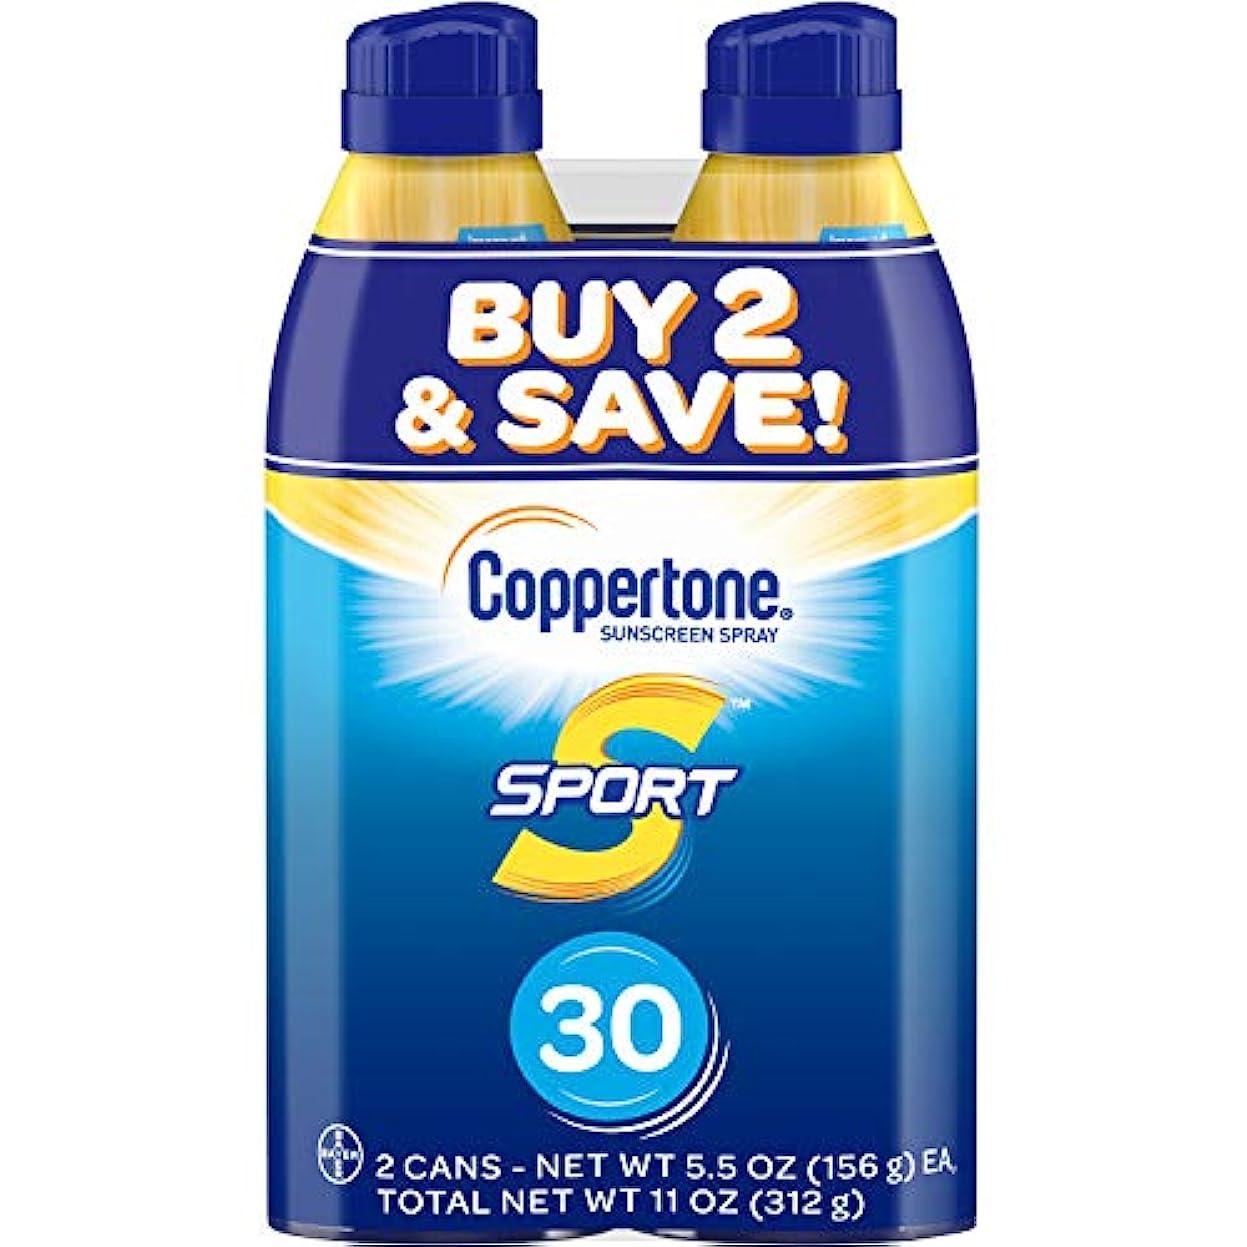 憂鬱な負荷負荷Coppertone スポーツ連写日焼け止め広域スペクトルSPFスプレー30(5.5オンスボトル、ツインパック)